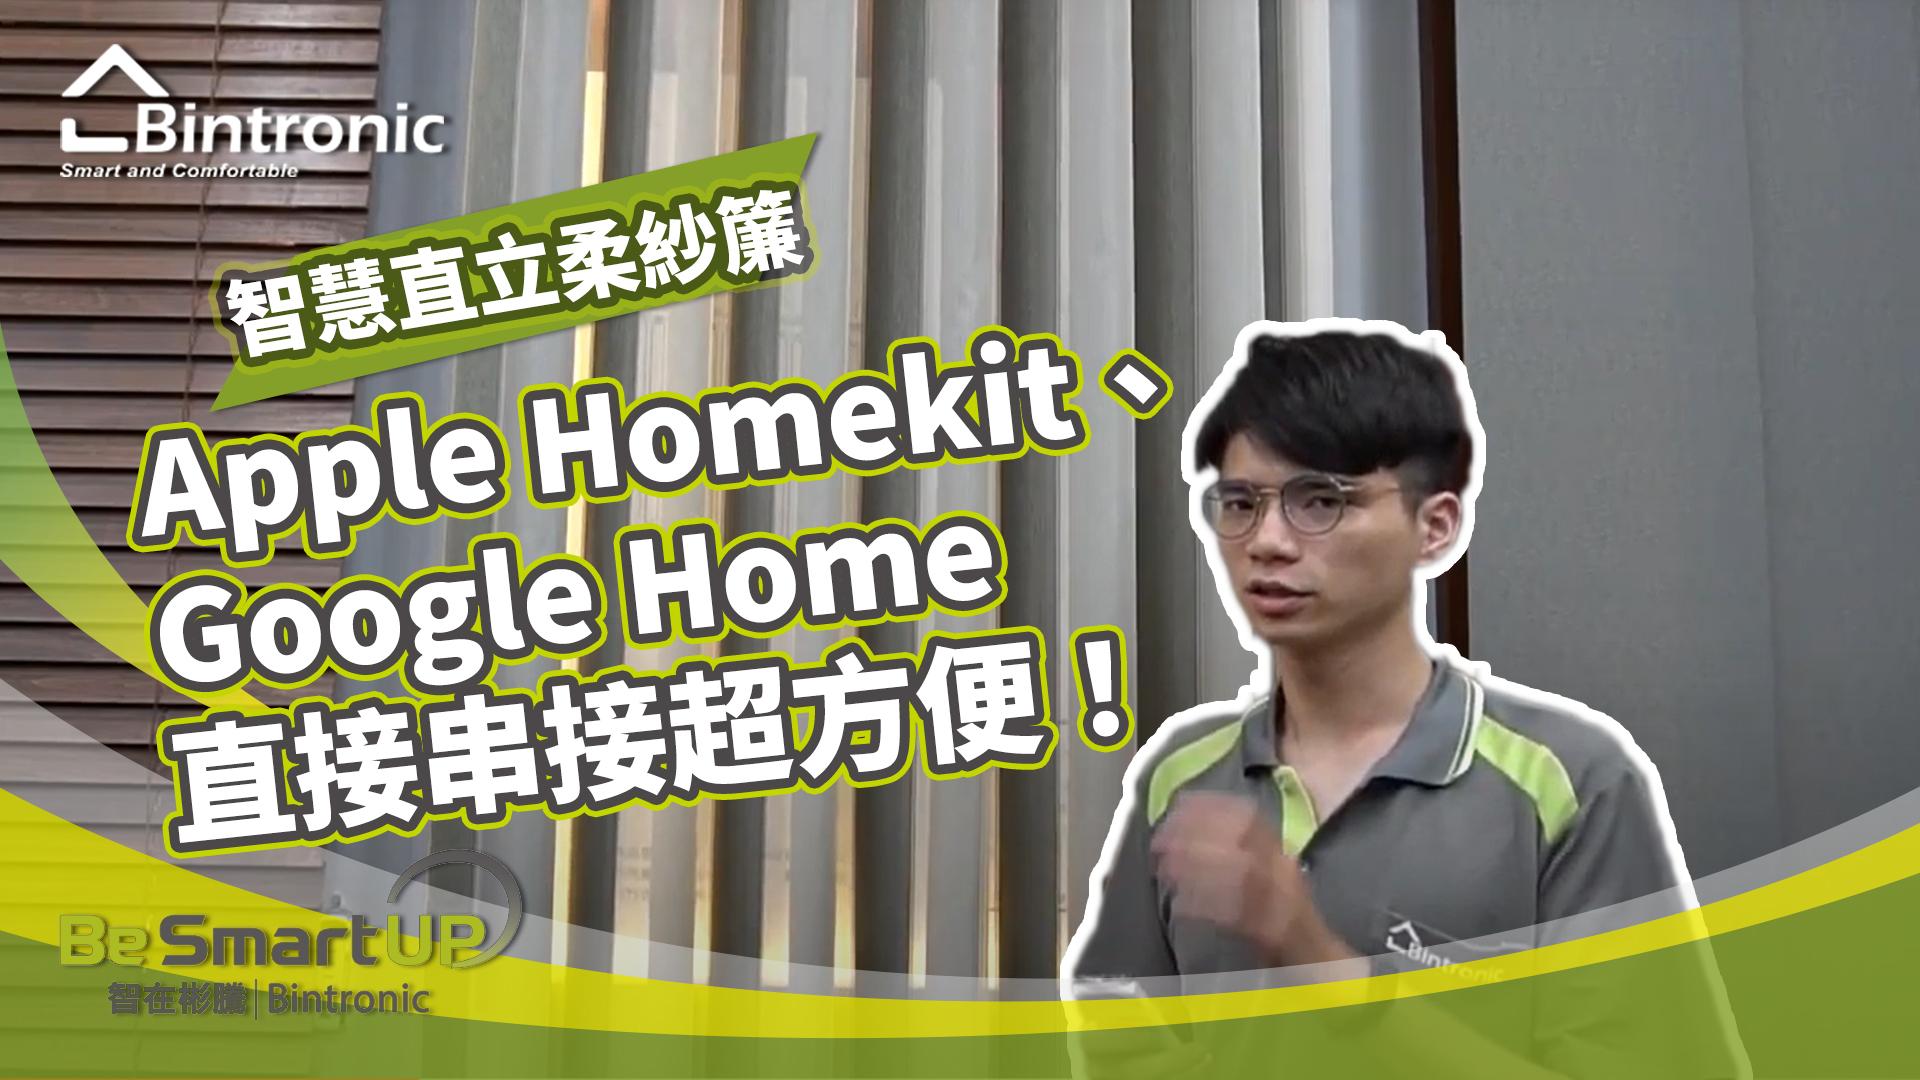 彬騰Bintronic 智慧直立柔紗簾 無段調光 Apple Homekit、Google Home 直接串接超方便!